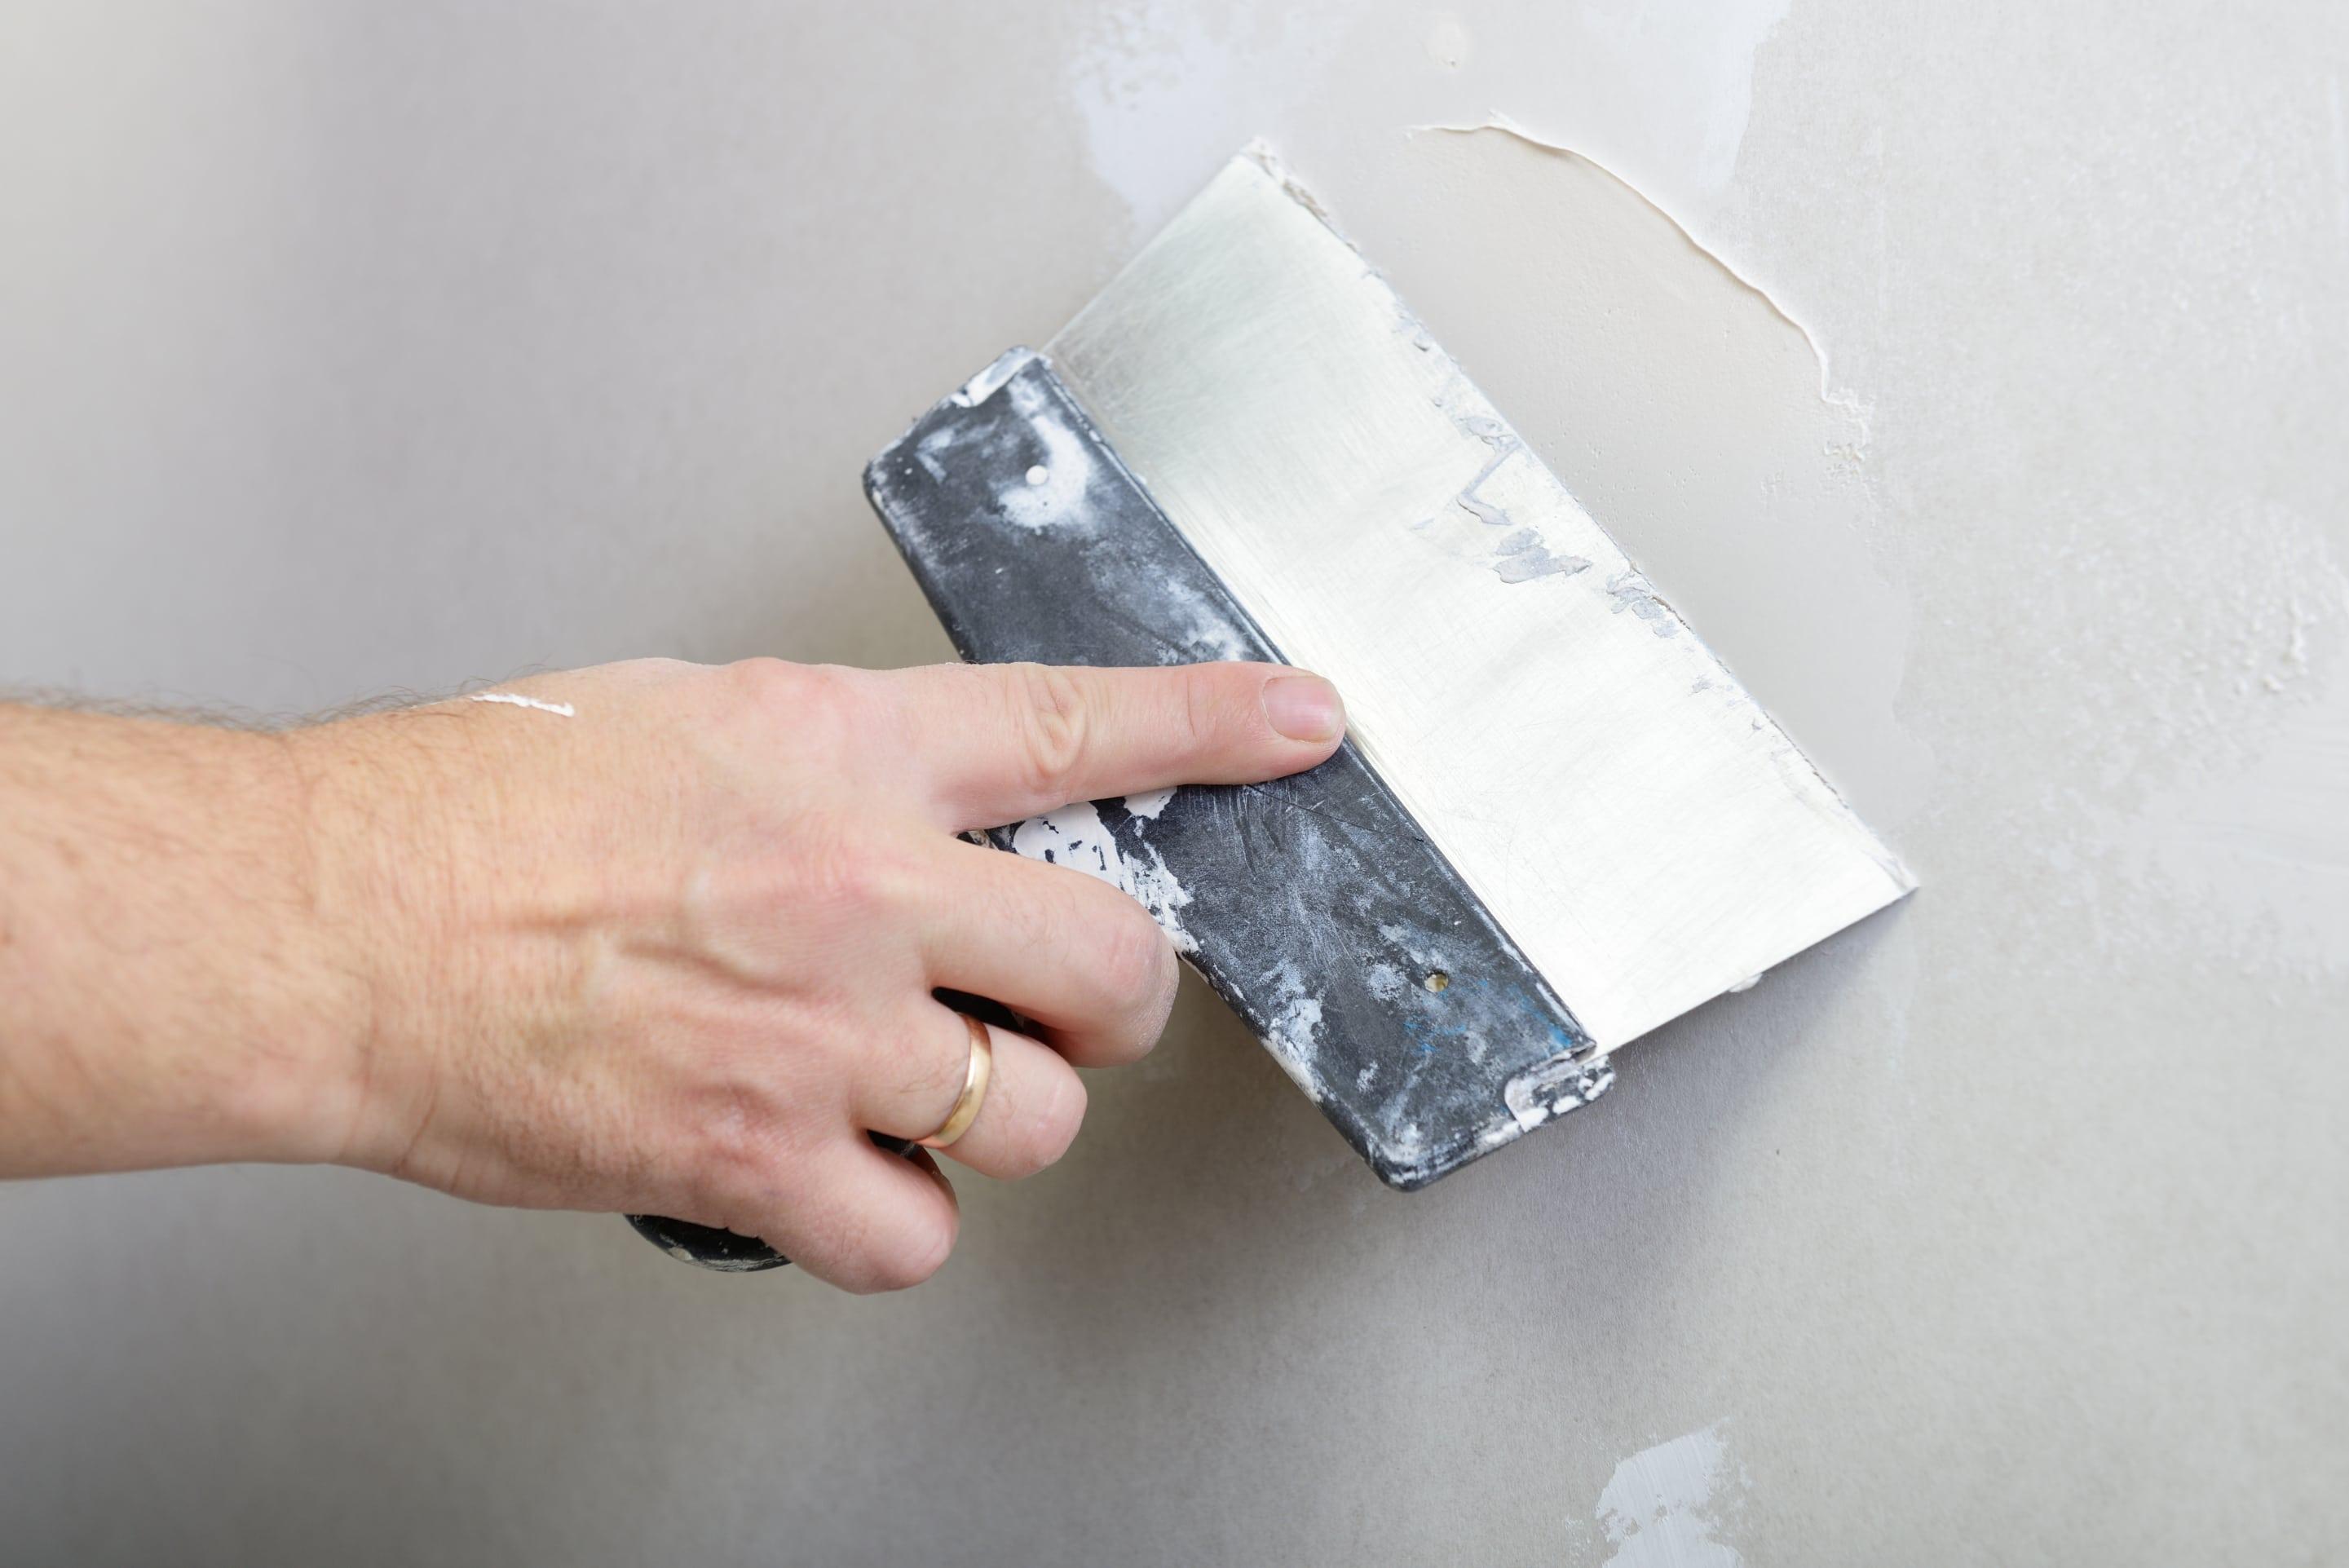 Comment Enlever Une Cheville Placo reboucher un trou dans le placo